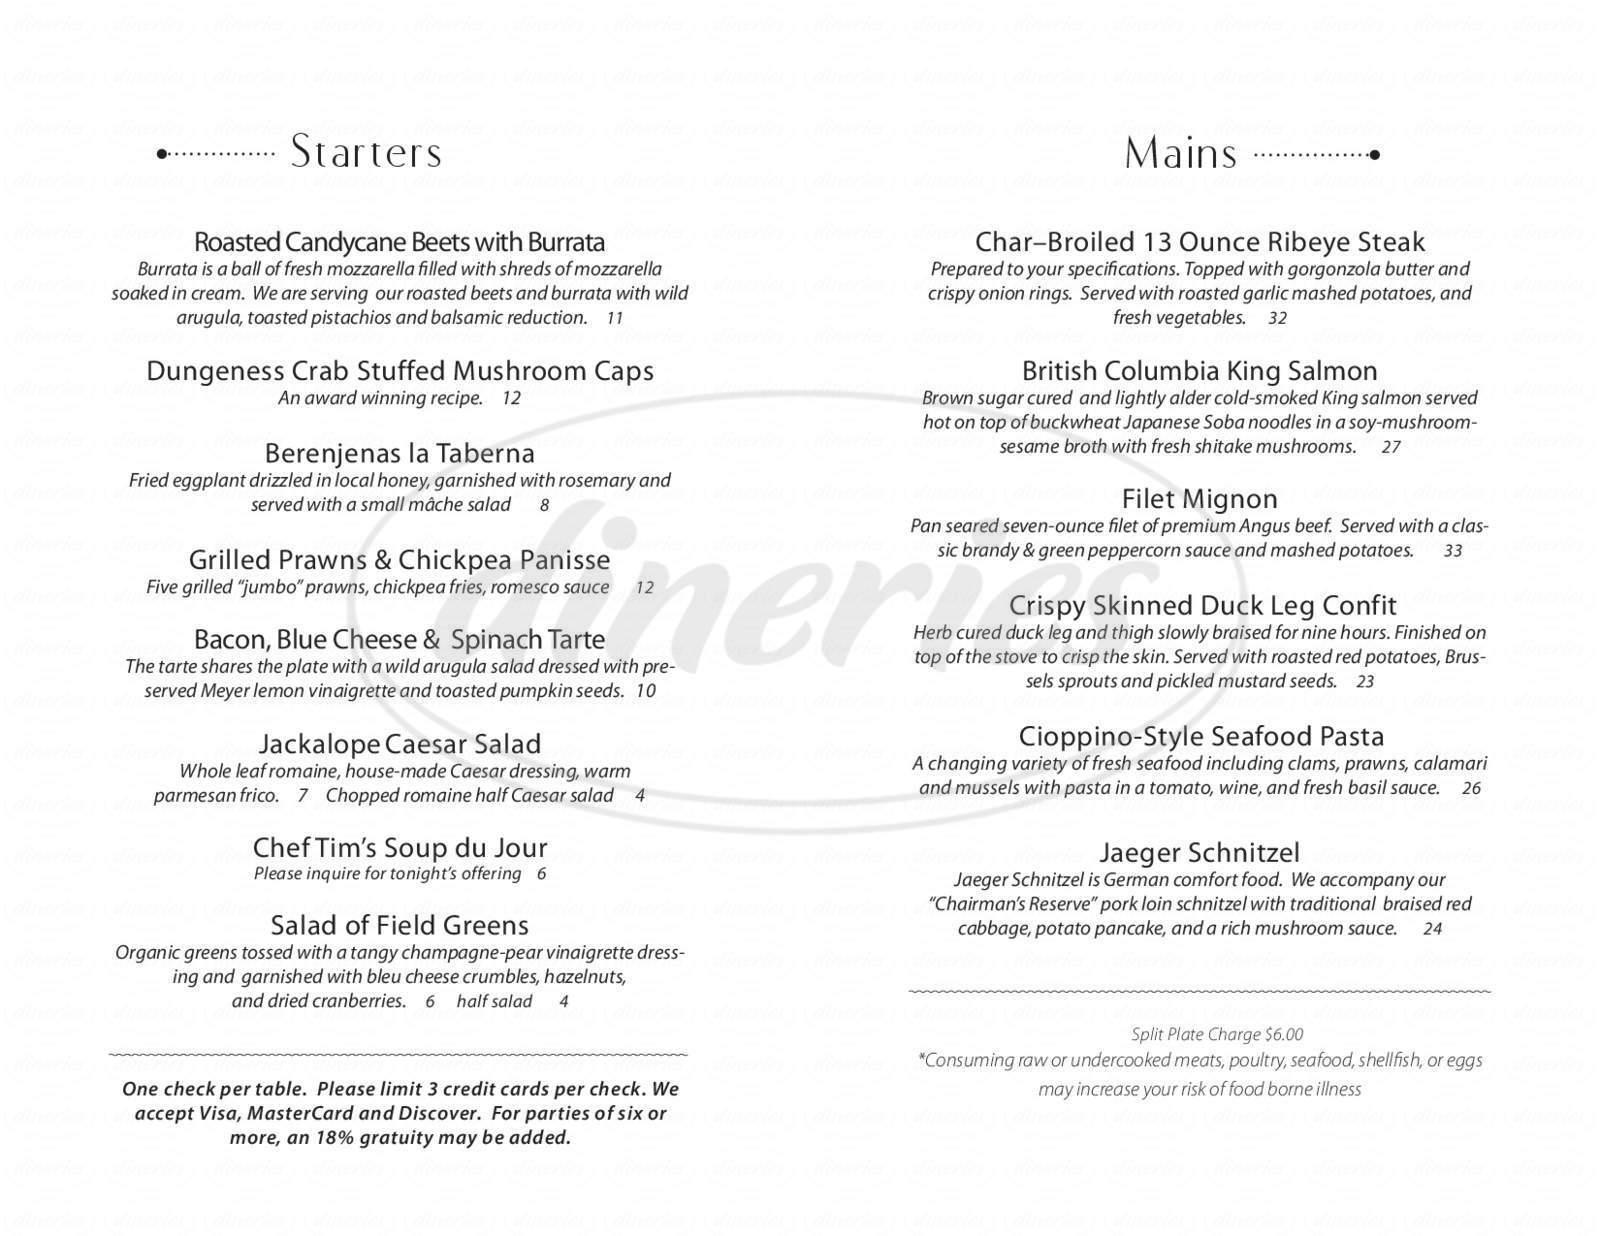 menu for Tim Garling's Jackalope Grill